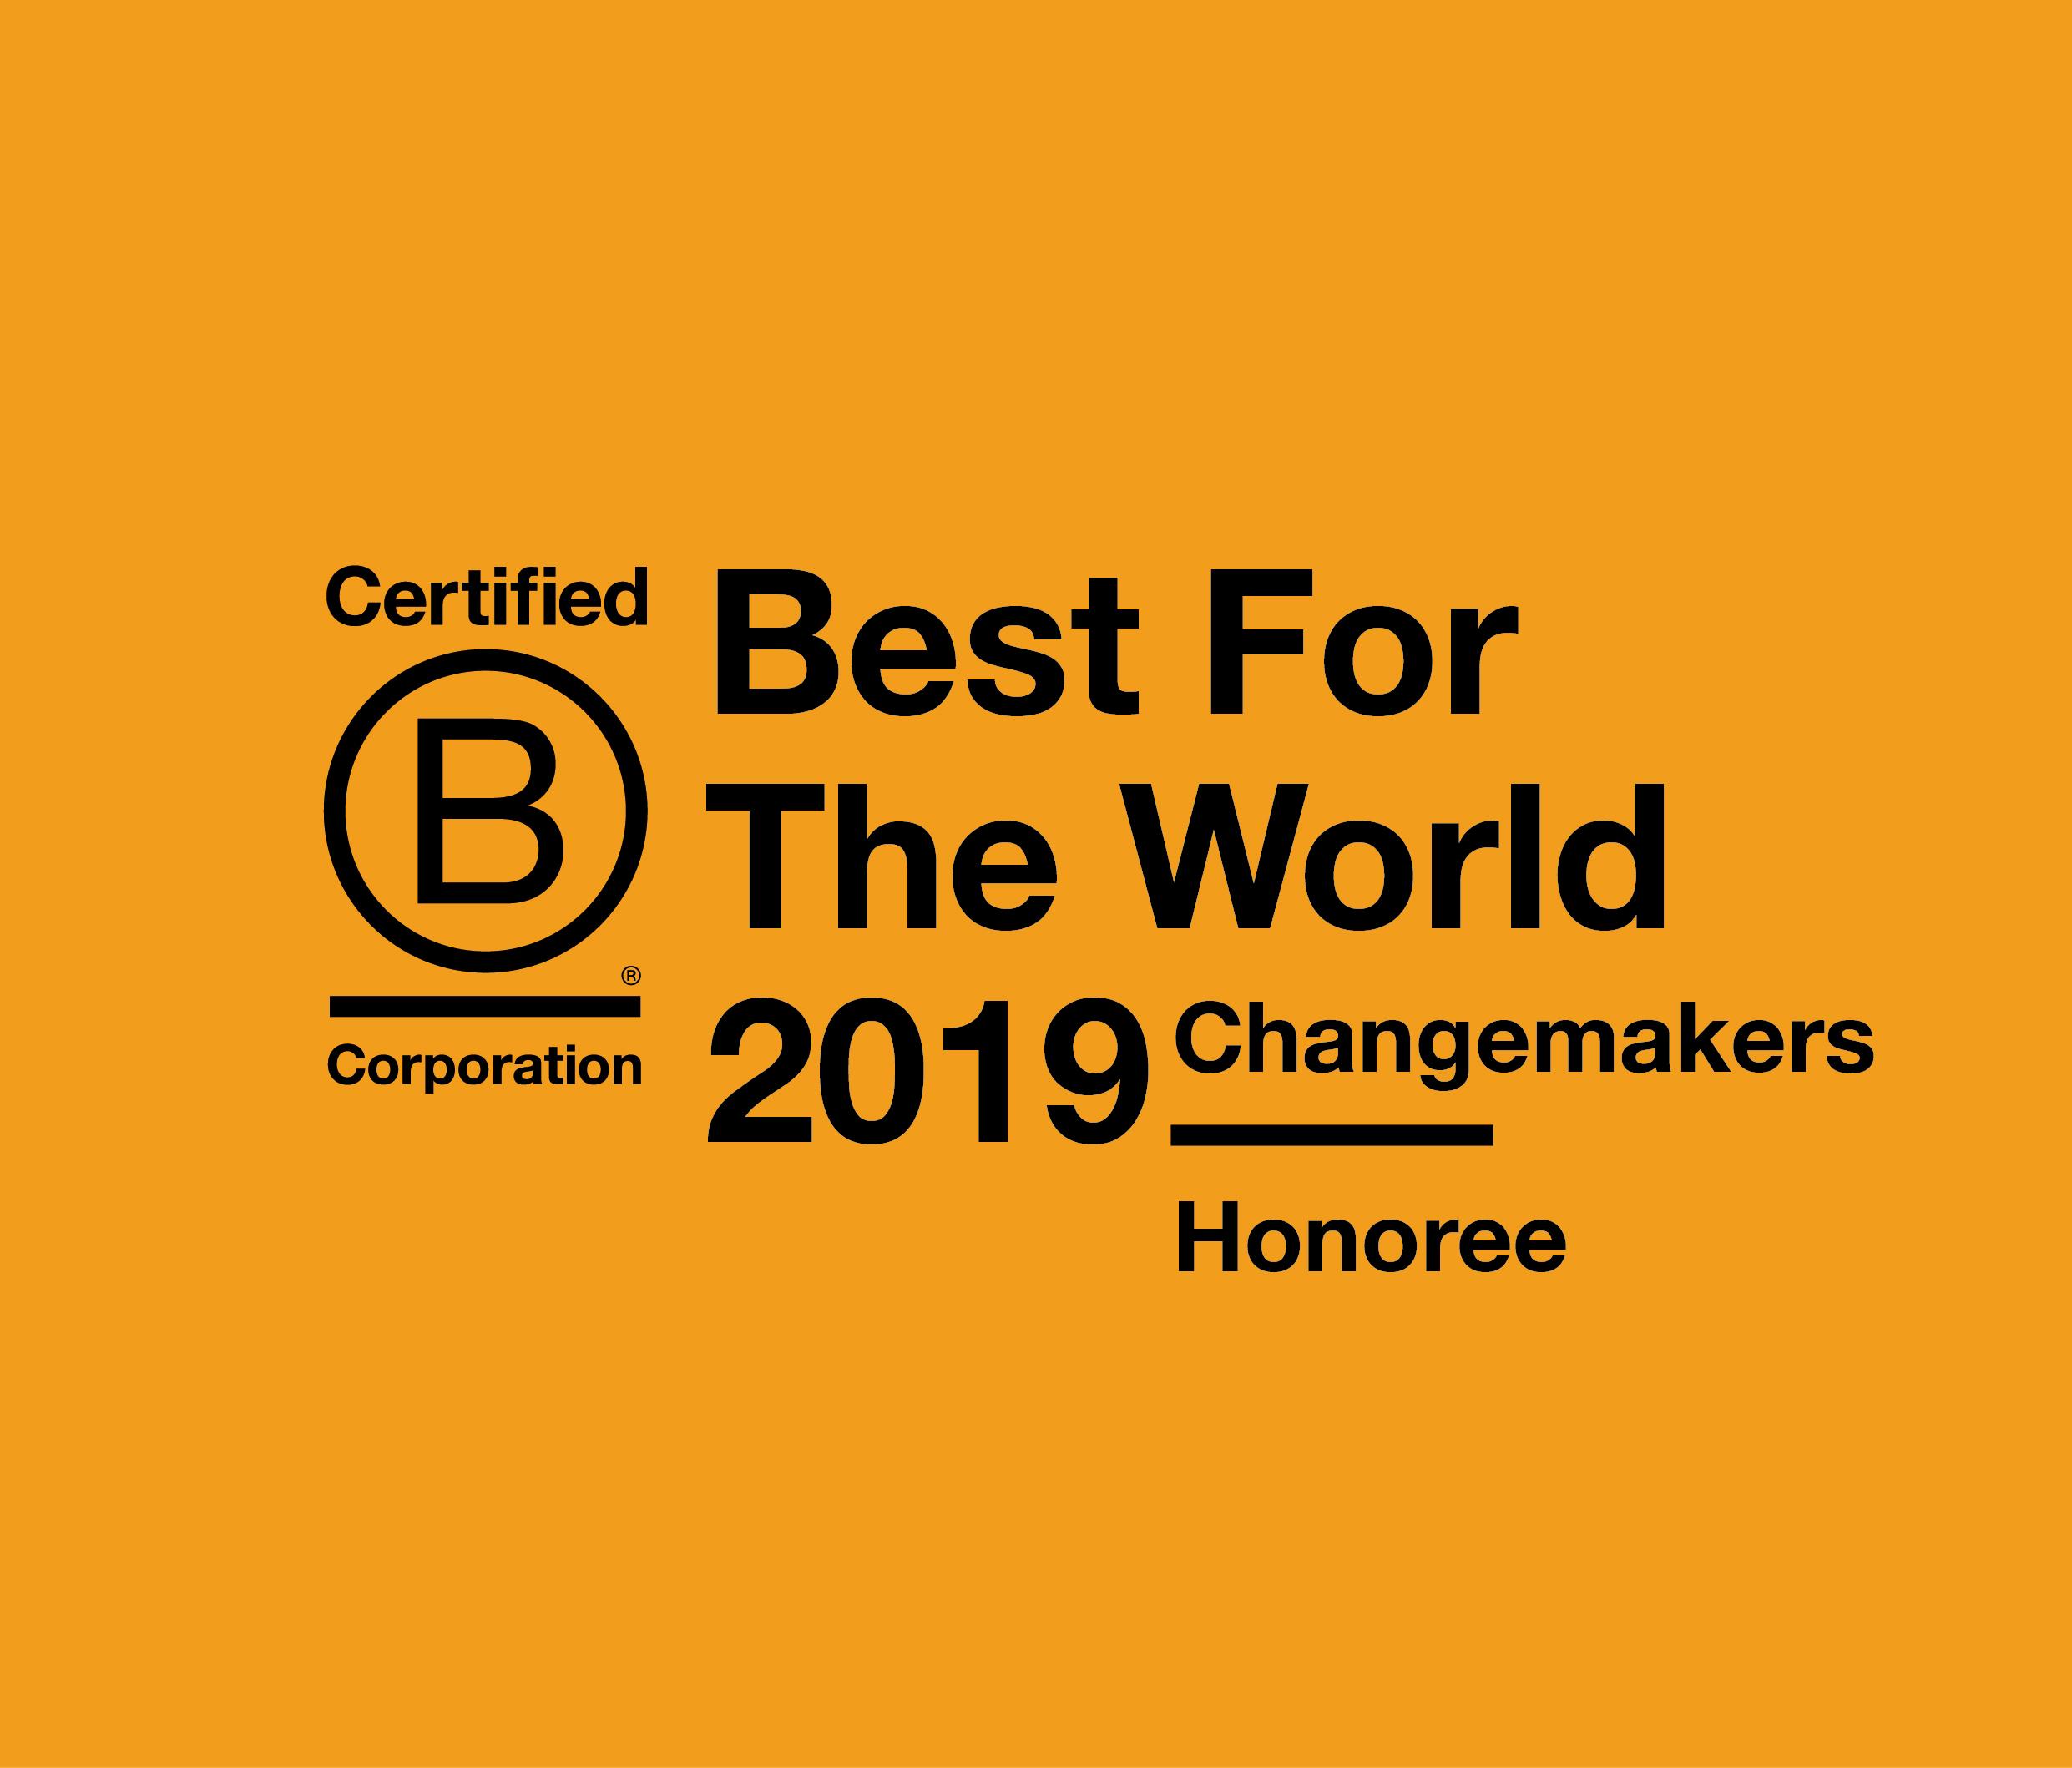 Veritas, mejor empresa para el mundo 2019 - Veritas